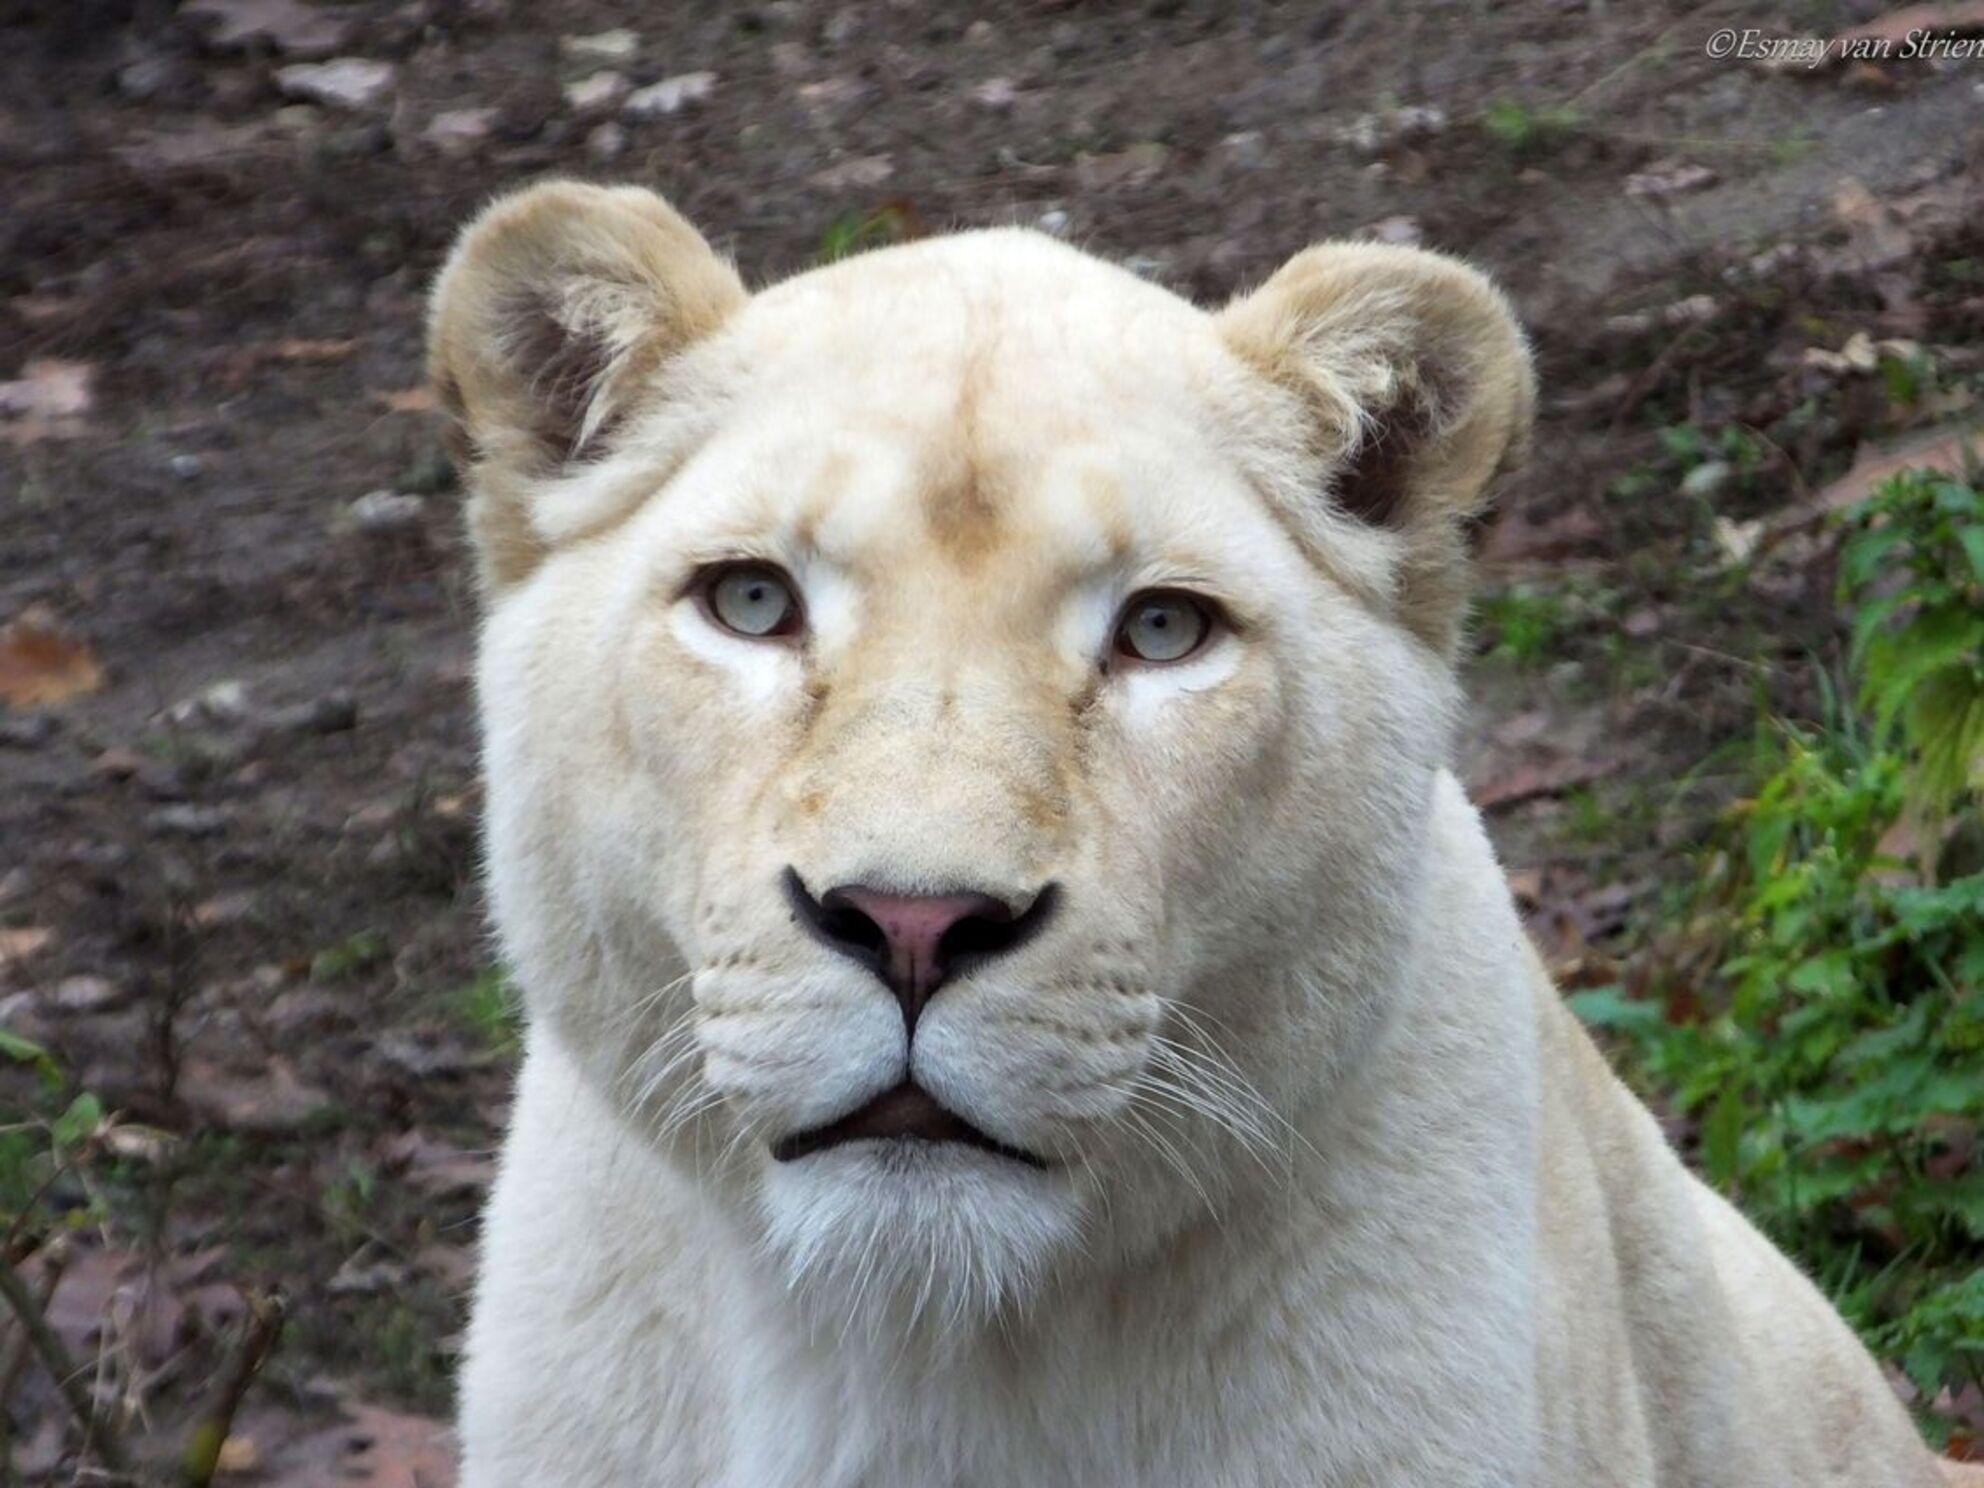 Witte leeuwin - DSCF8028.jpg - foto door Esmay1 op 23-11-2013 - deze foto bevat: lion, dierentuin, rhenen, zoo, ouwehands dierenpark, Witte leeuw - Deze foto mag gebruikt worden in een Zoom.nl publicatie